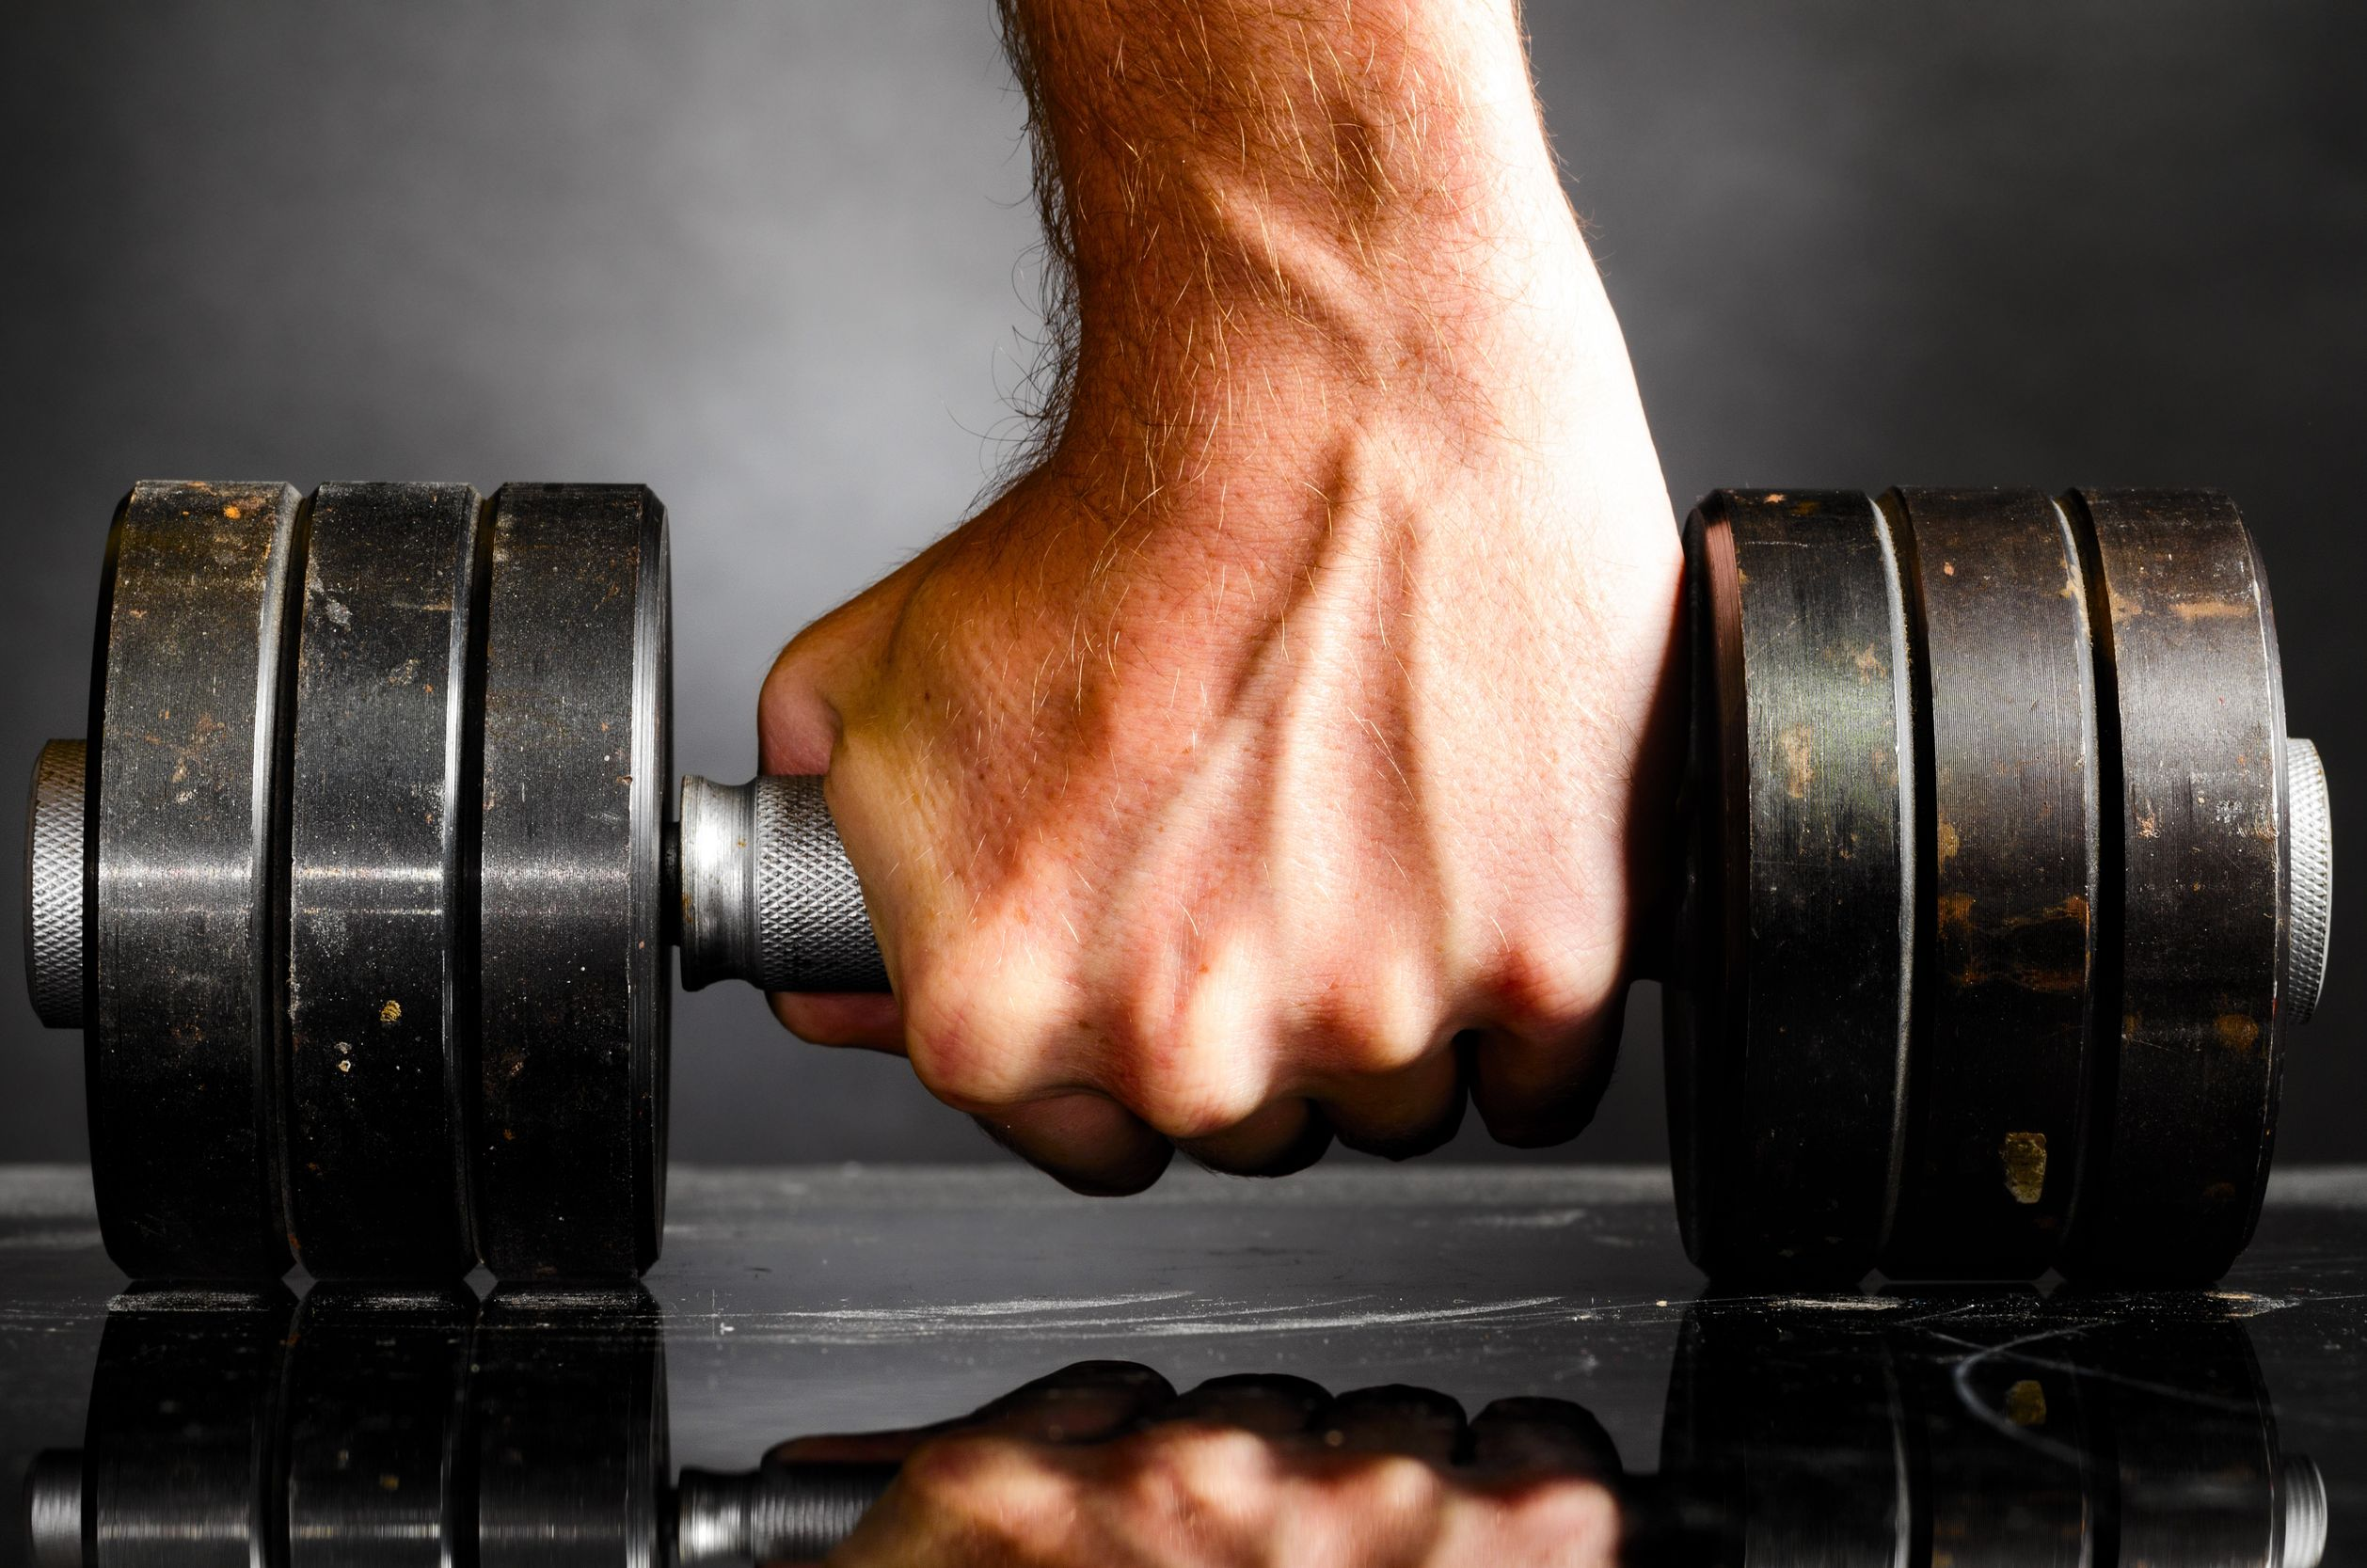 Что нужно чтобы росли мышцы